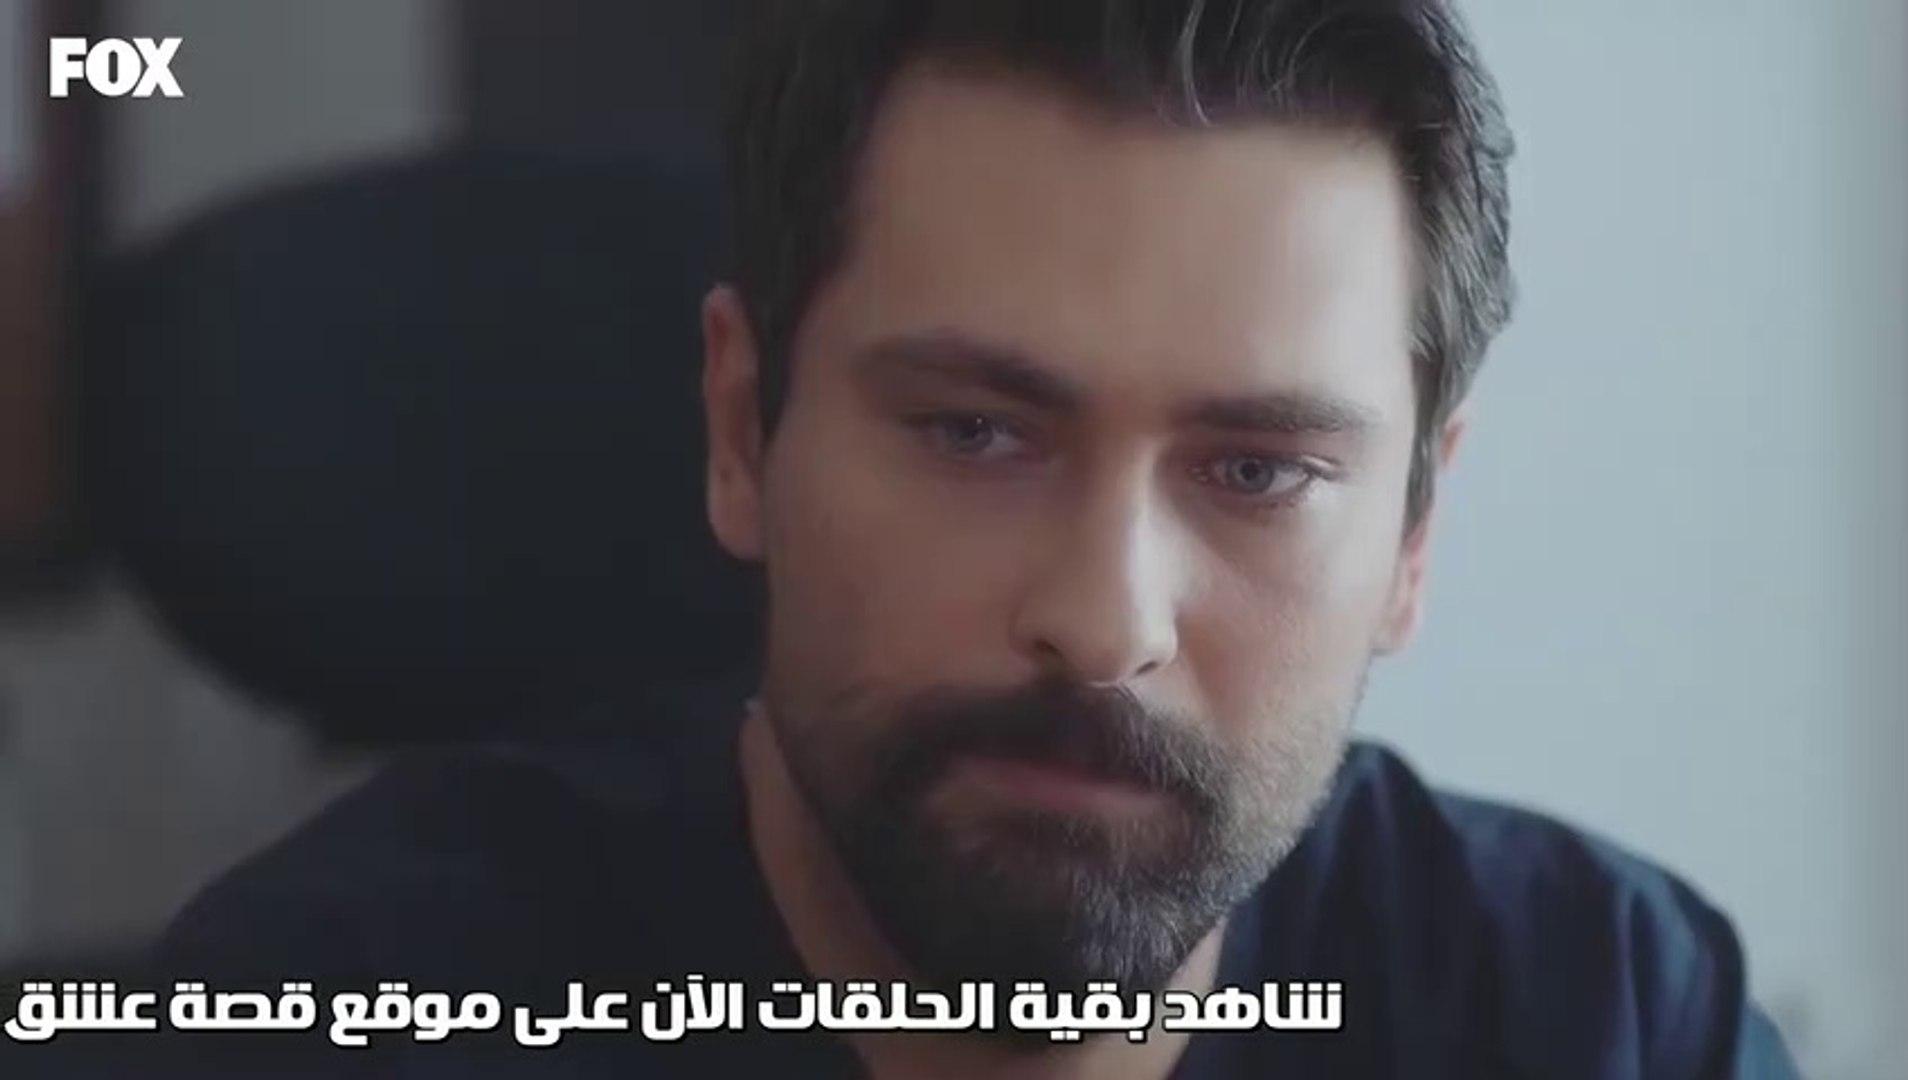 المسلسل التركي الطبيب المعجزة الحلقة 28 قصة عشق القلعة